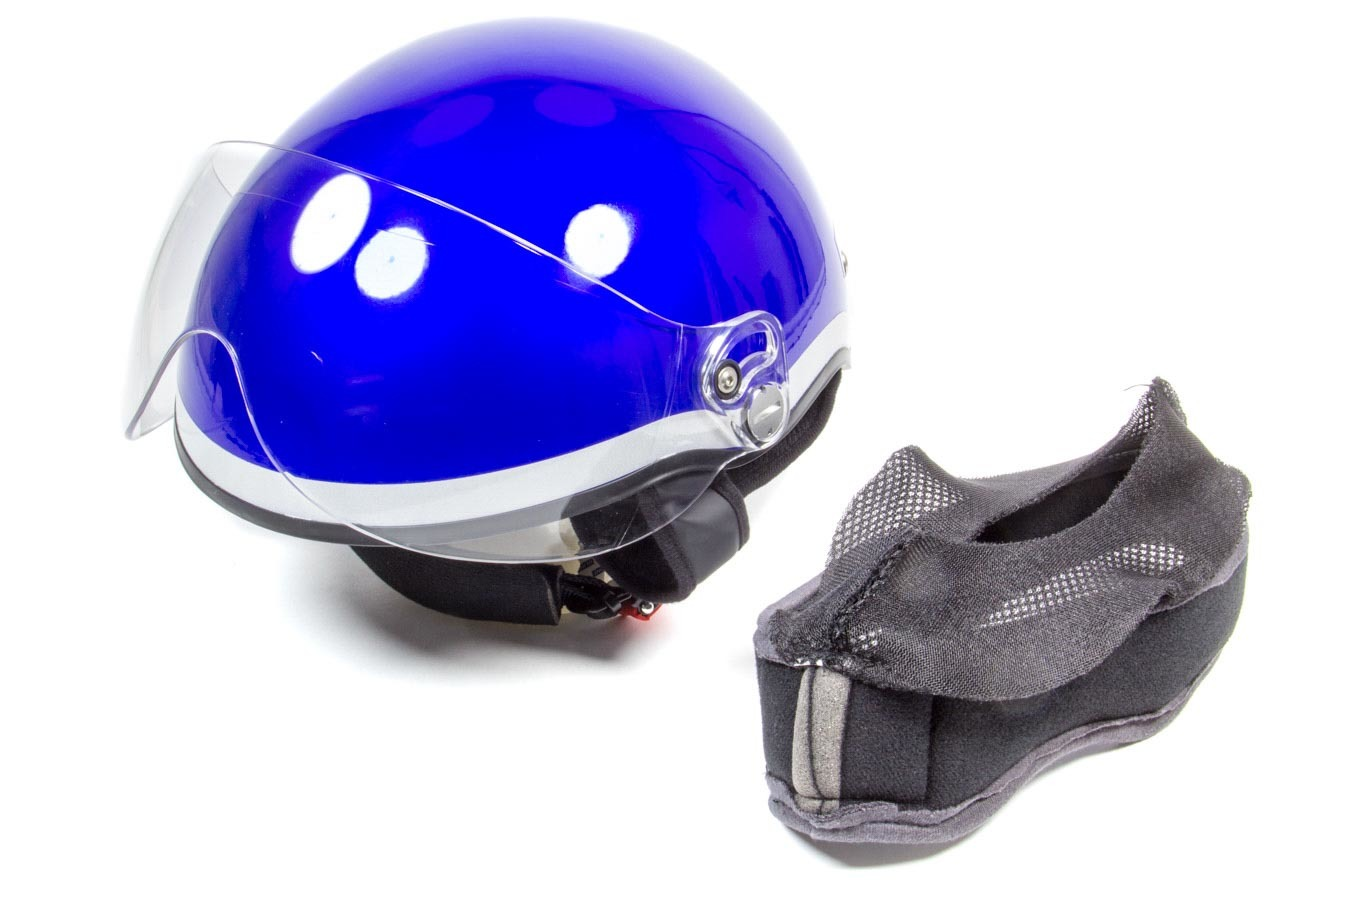 Helmet Paramedic EMT1 Royal Blue XXS-XS 52-55